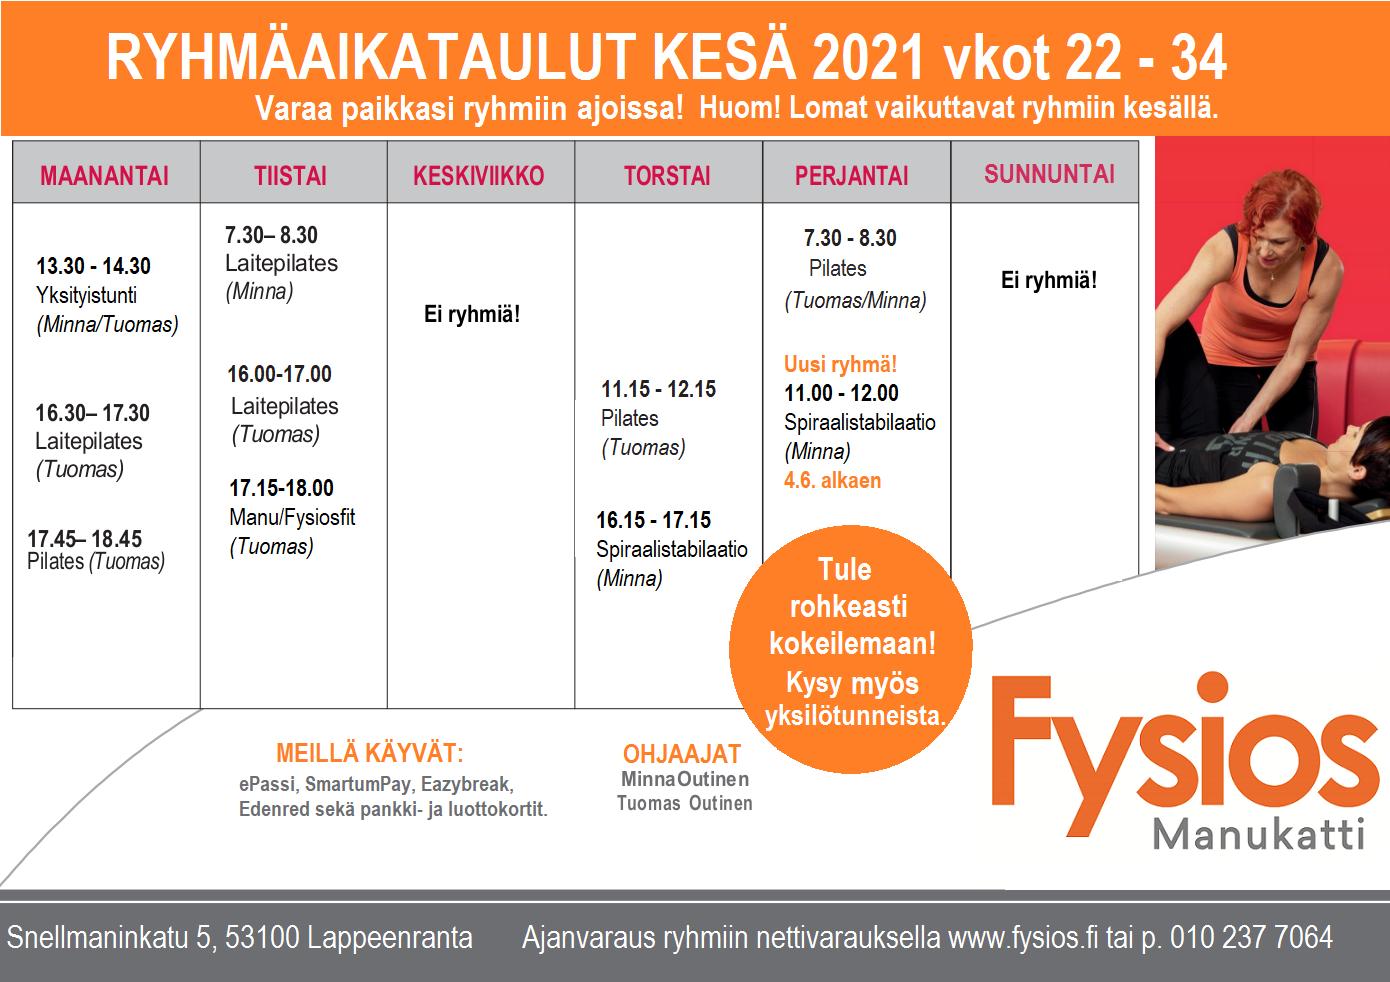 Fysios Manukatti ryhmät kesä 2021